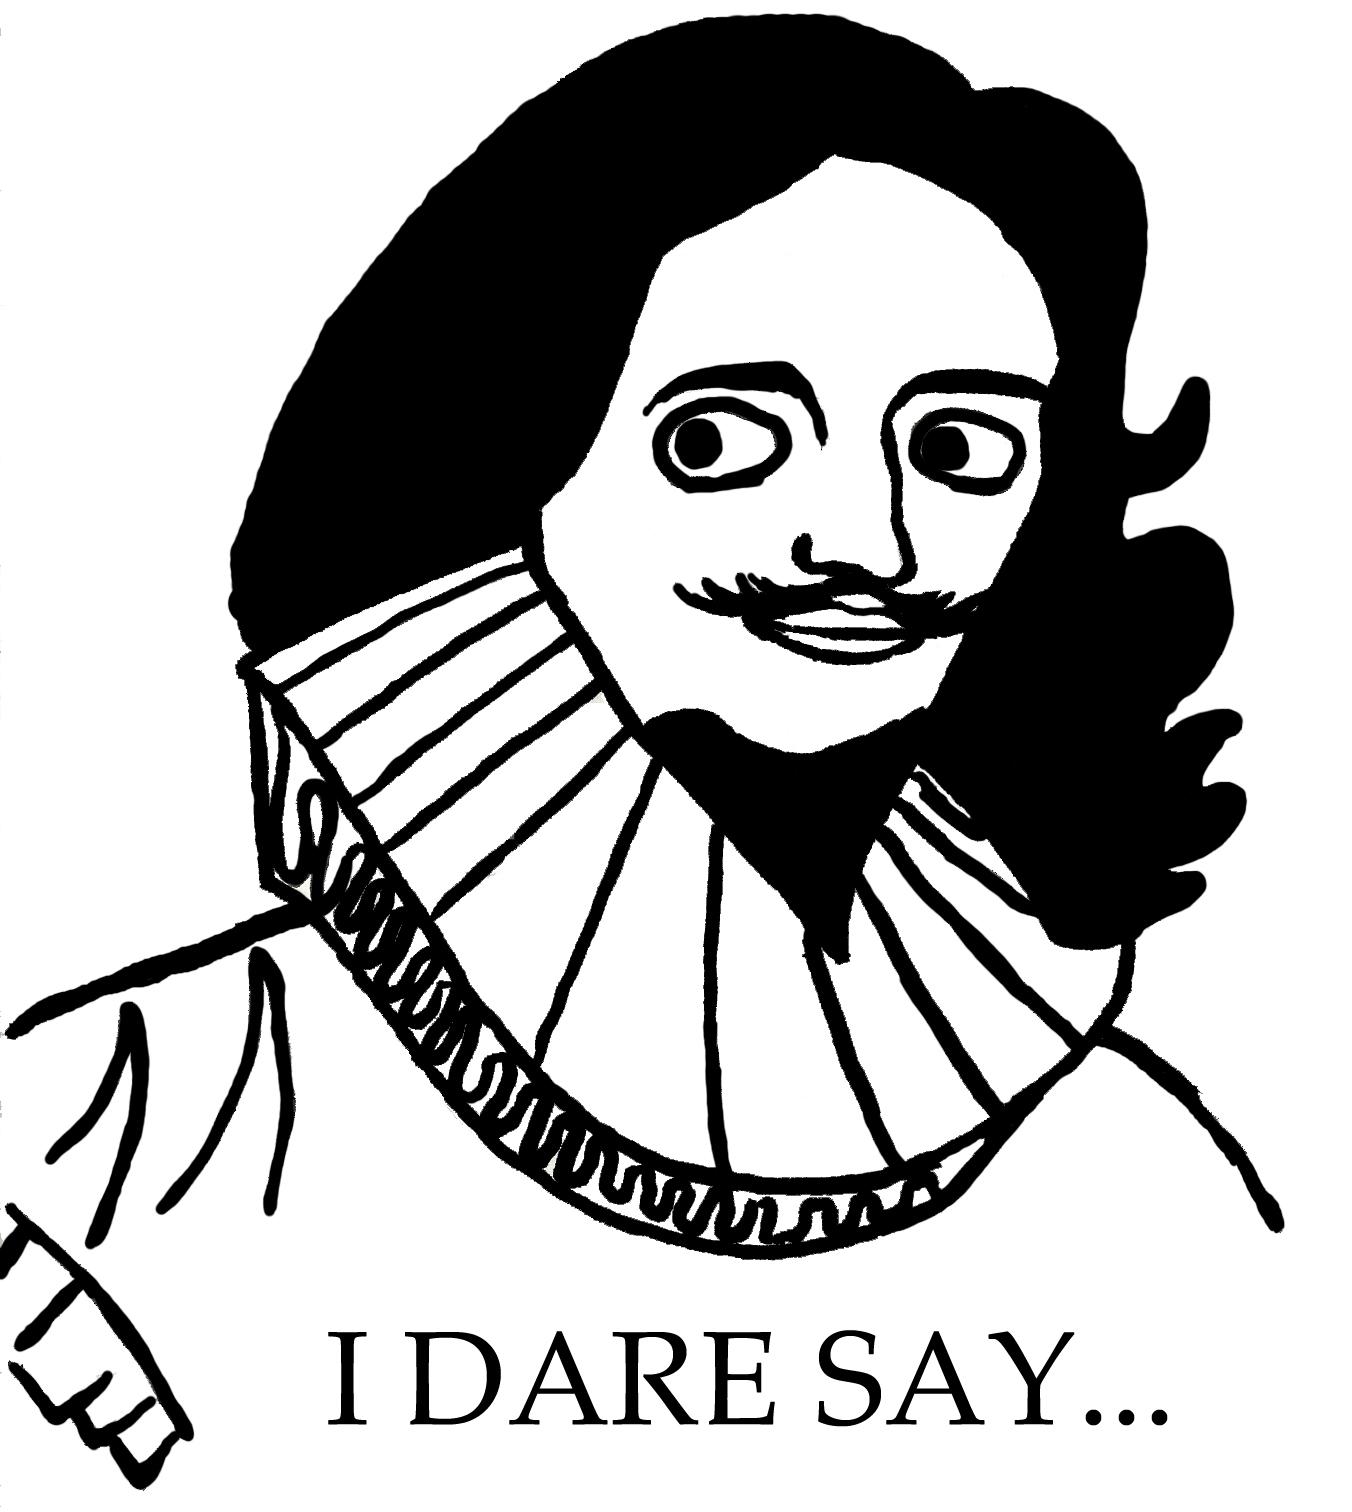 I Dare Say.